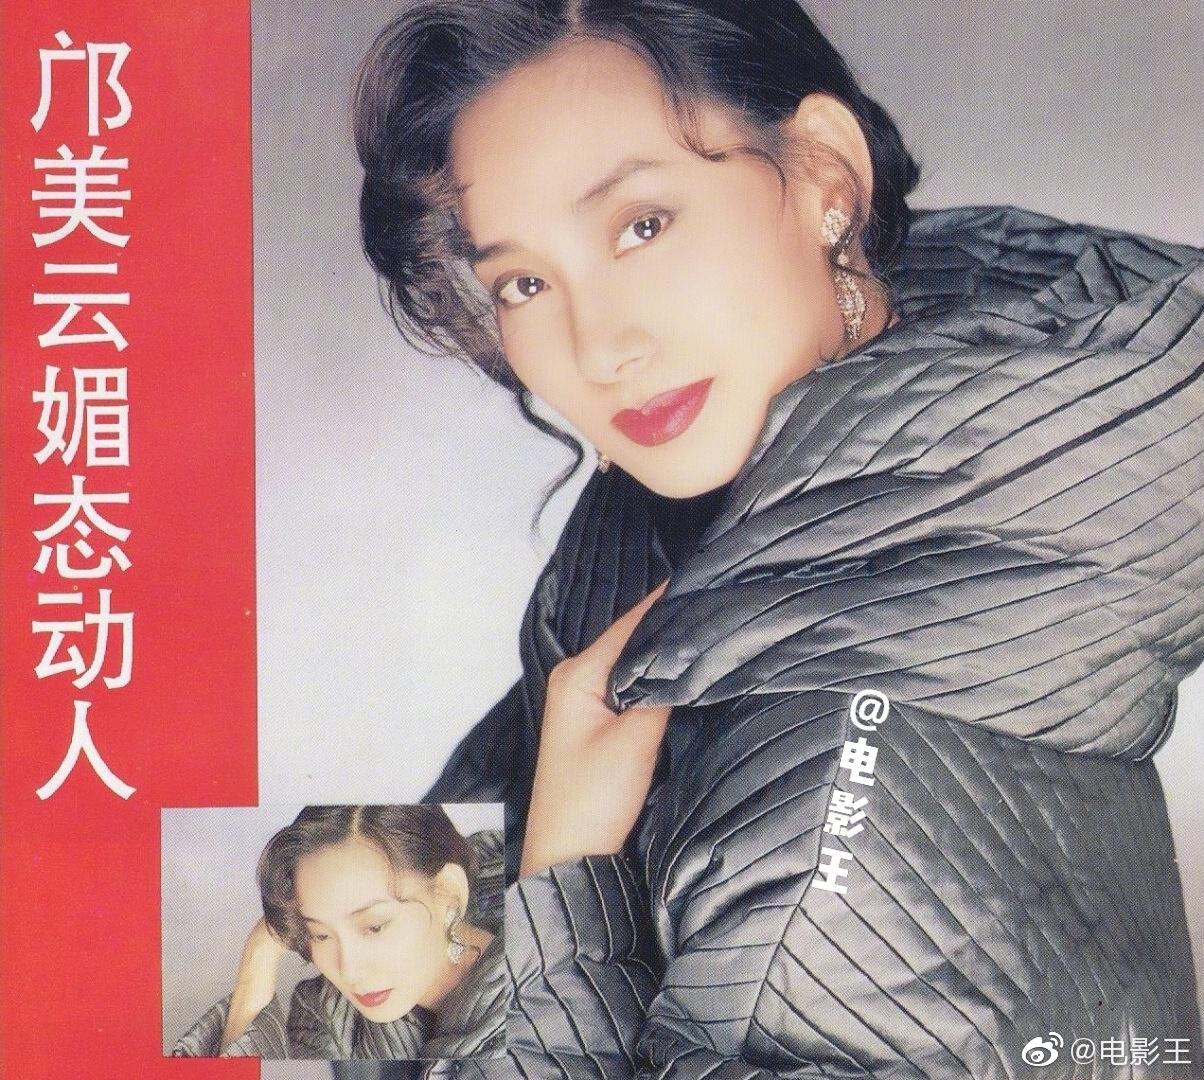 1982年的港姐亚军邝美云还有人记得吗……